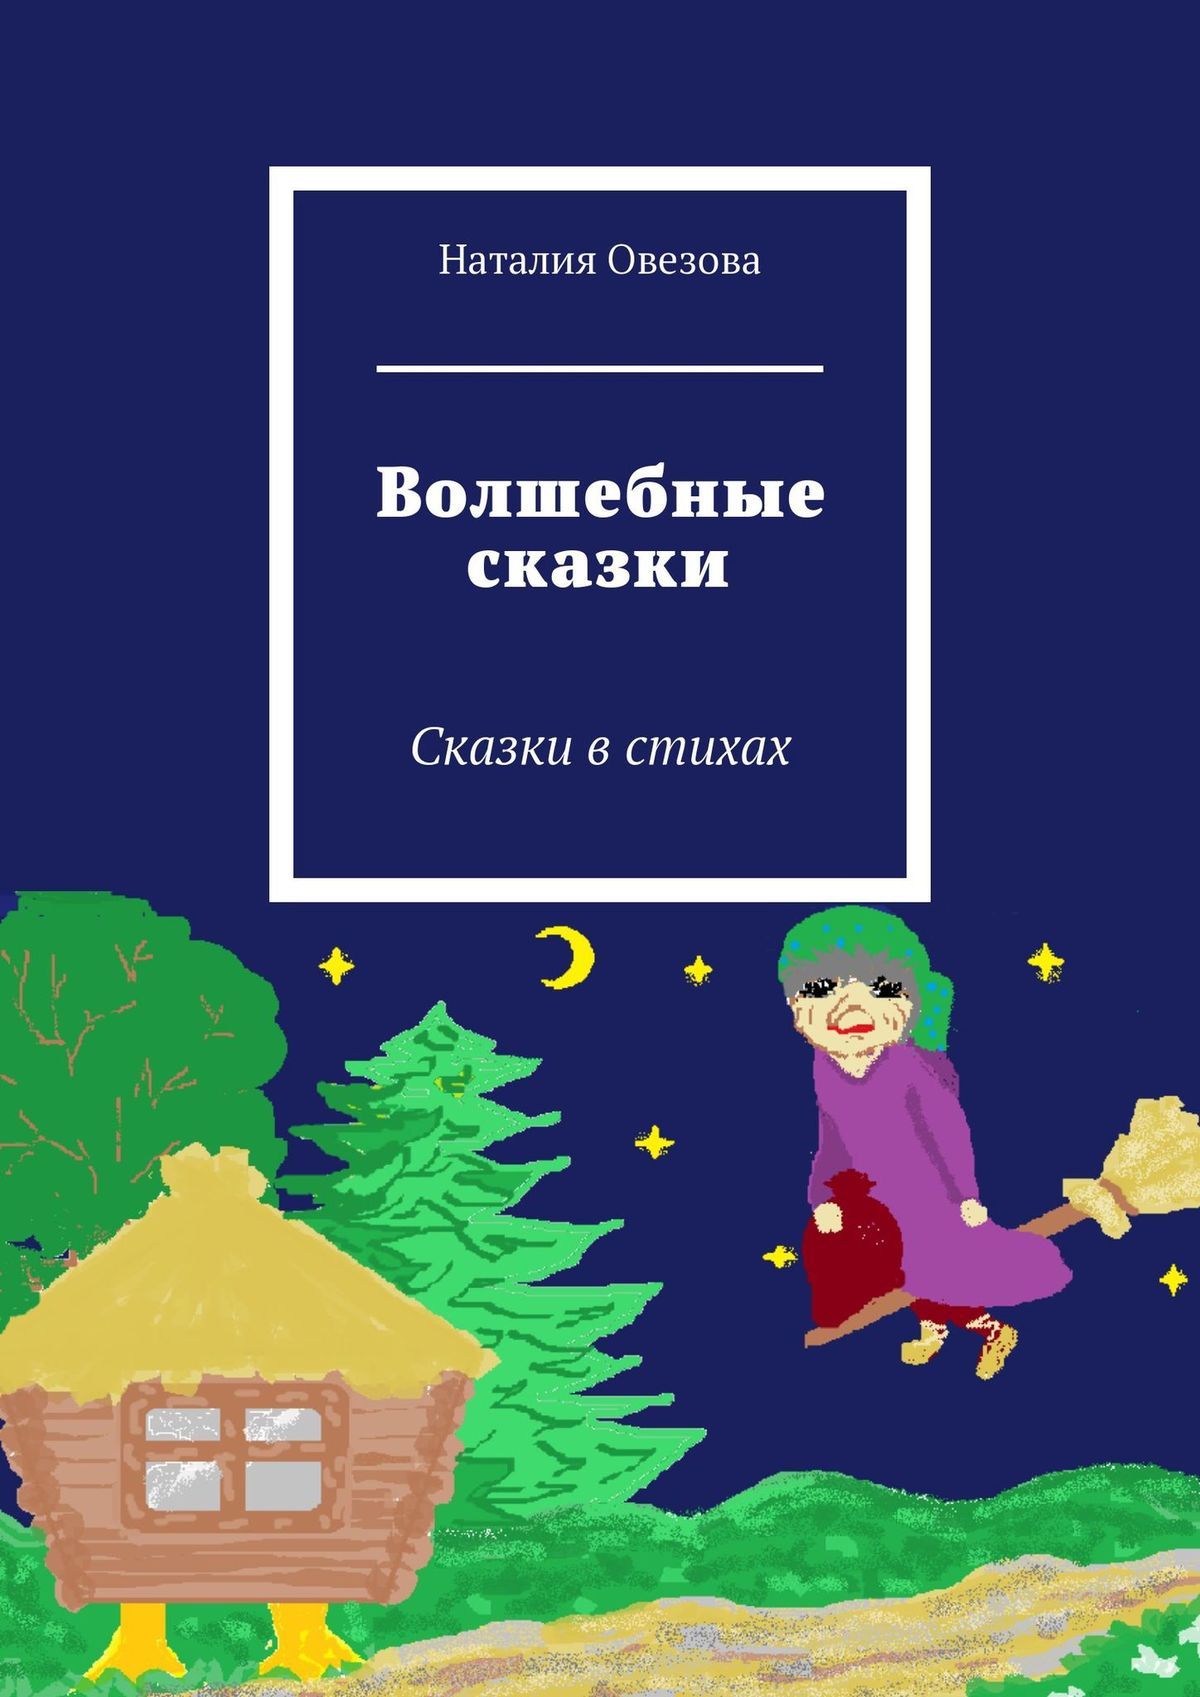 Наталия Овезова Волшебные сказки. Сказки встихах